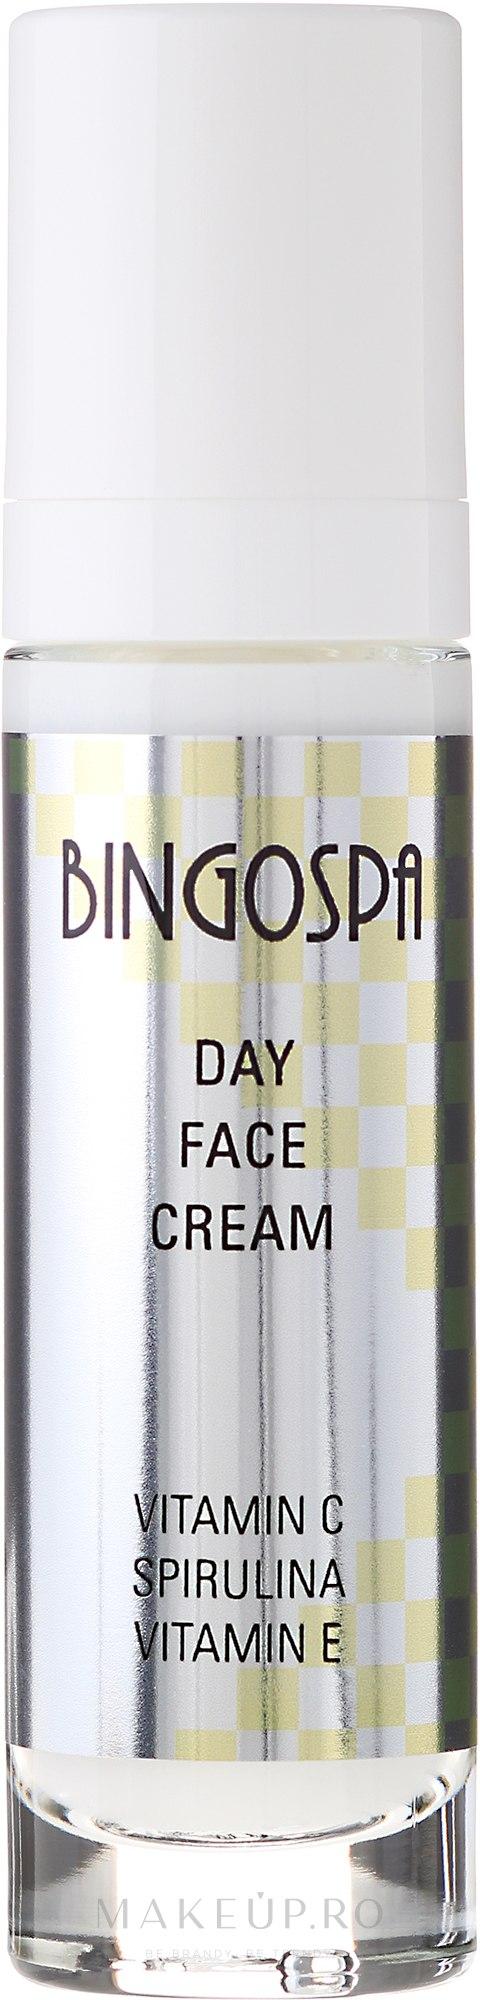 Cremă de zi pentru față - BingoSpa Day Fce Cream Vitamin C Spirulina Vitamin E — Imagine 50 g